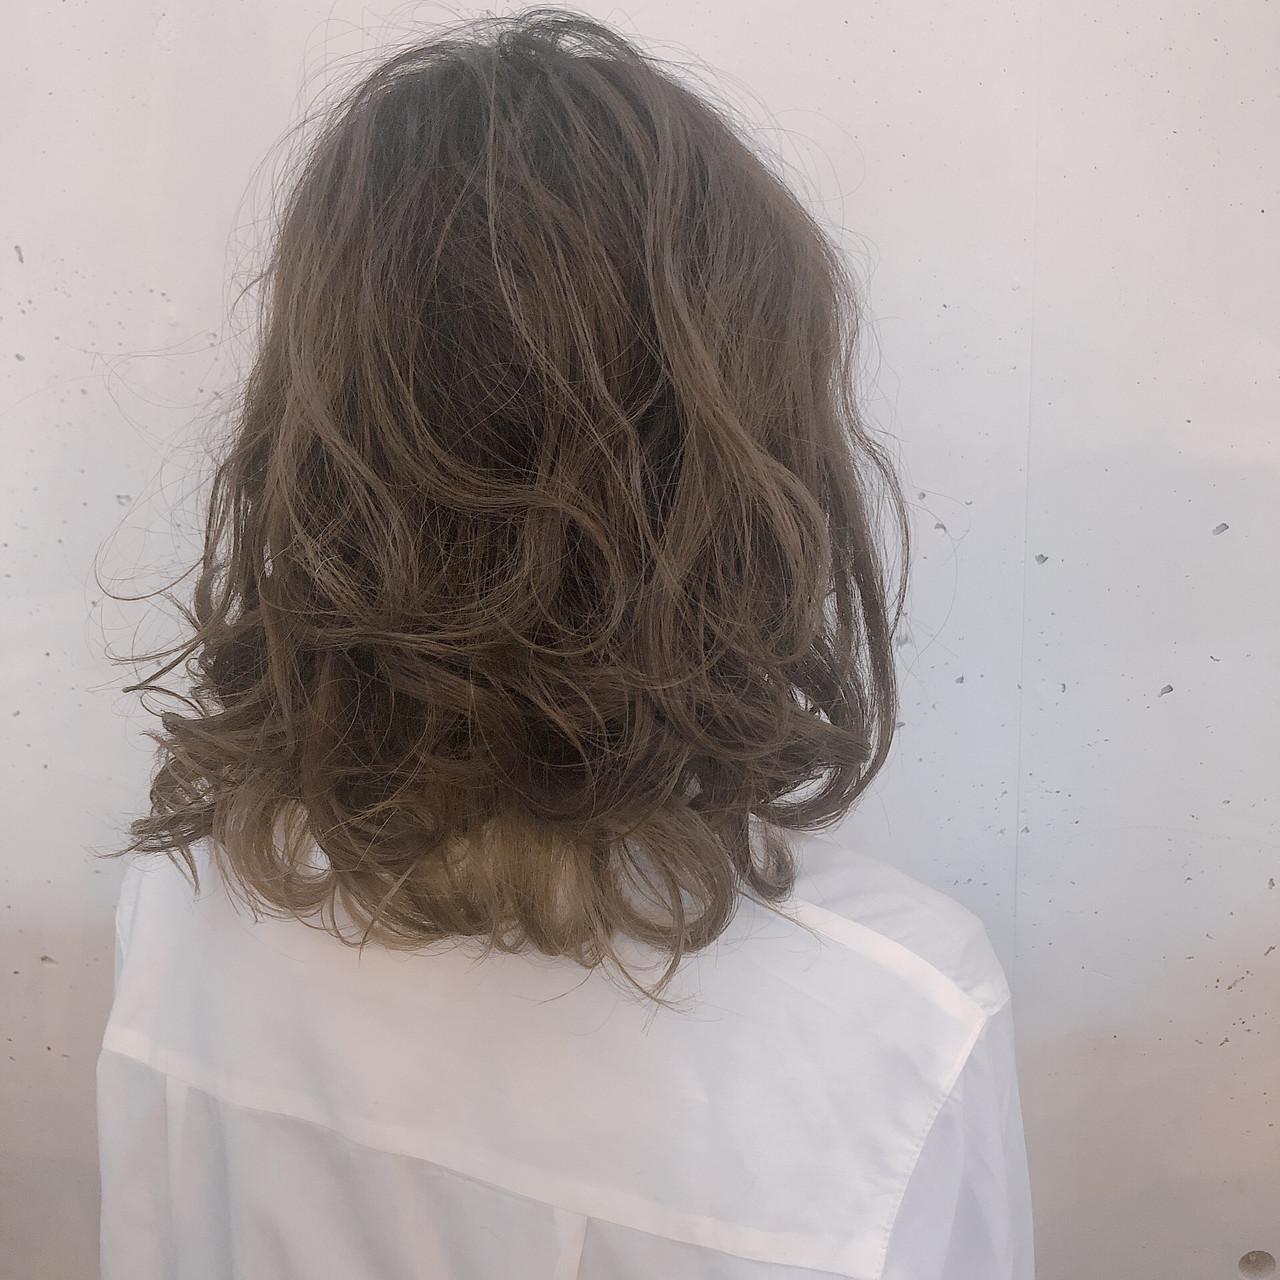 セミロング オルチャン アンニュイほつれヘア デート ヘアスタイルや髪型の写真・画像